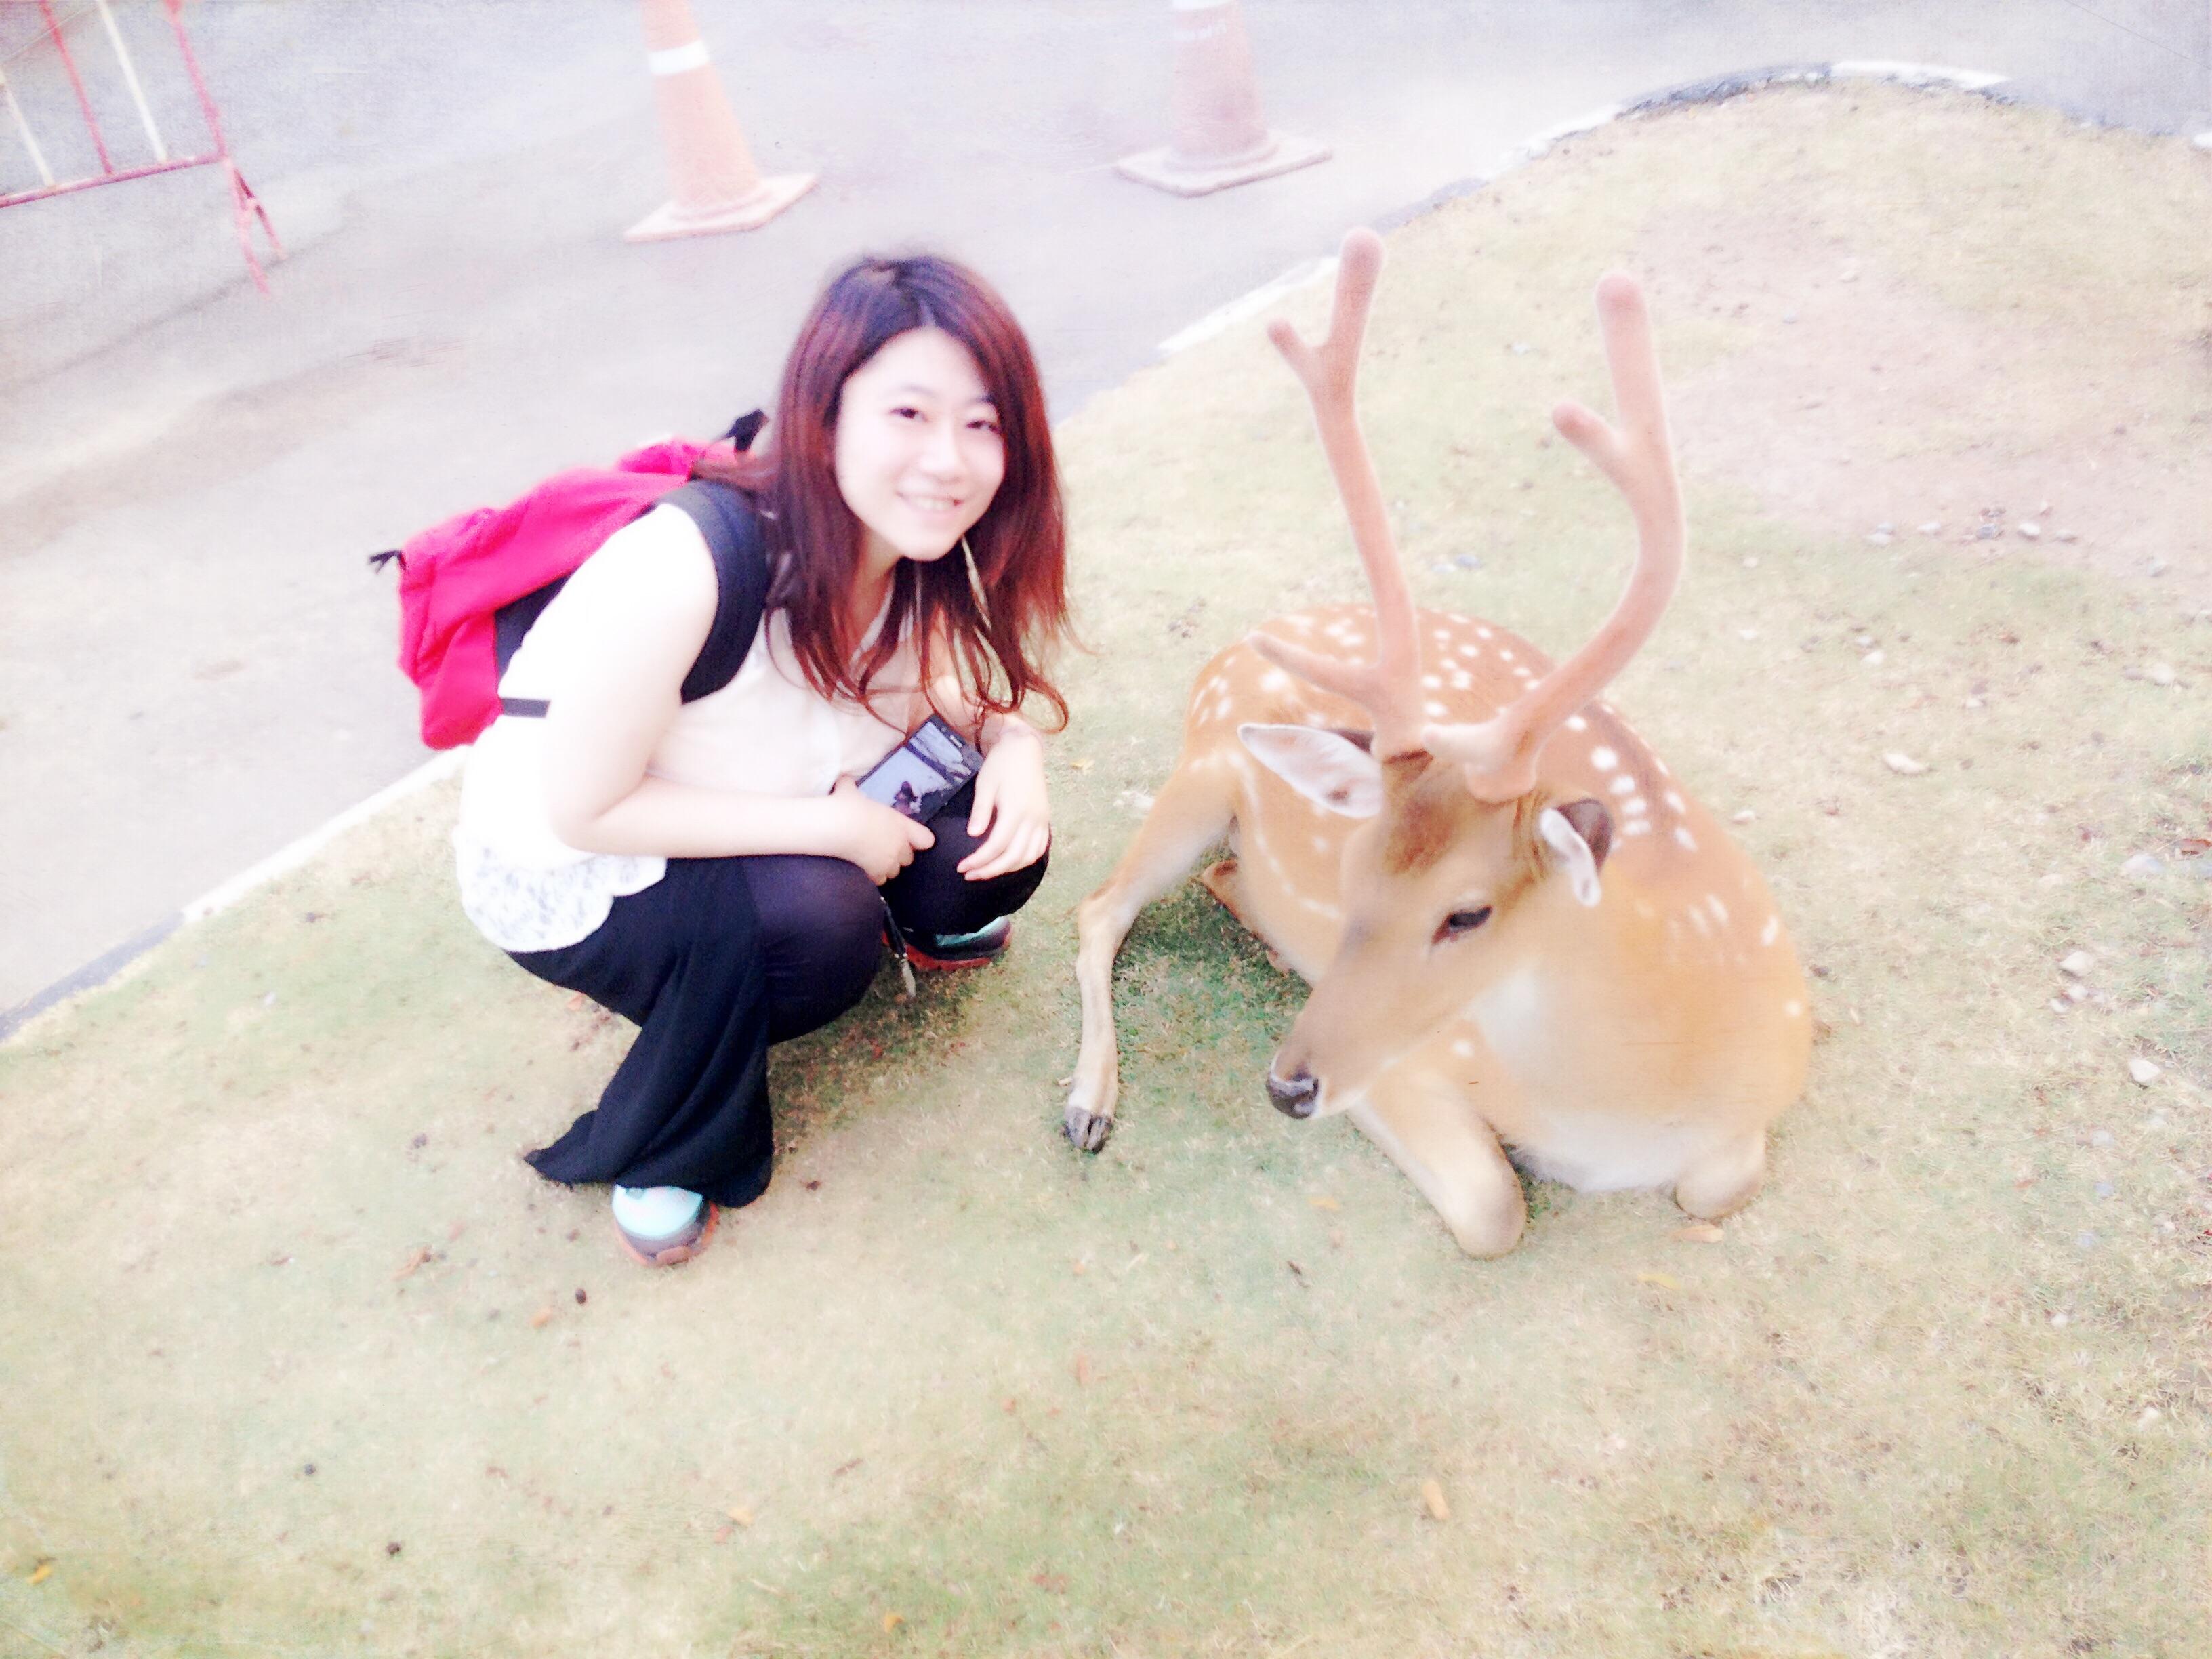 尹漪莉照片2